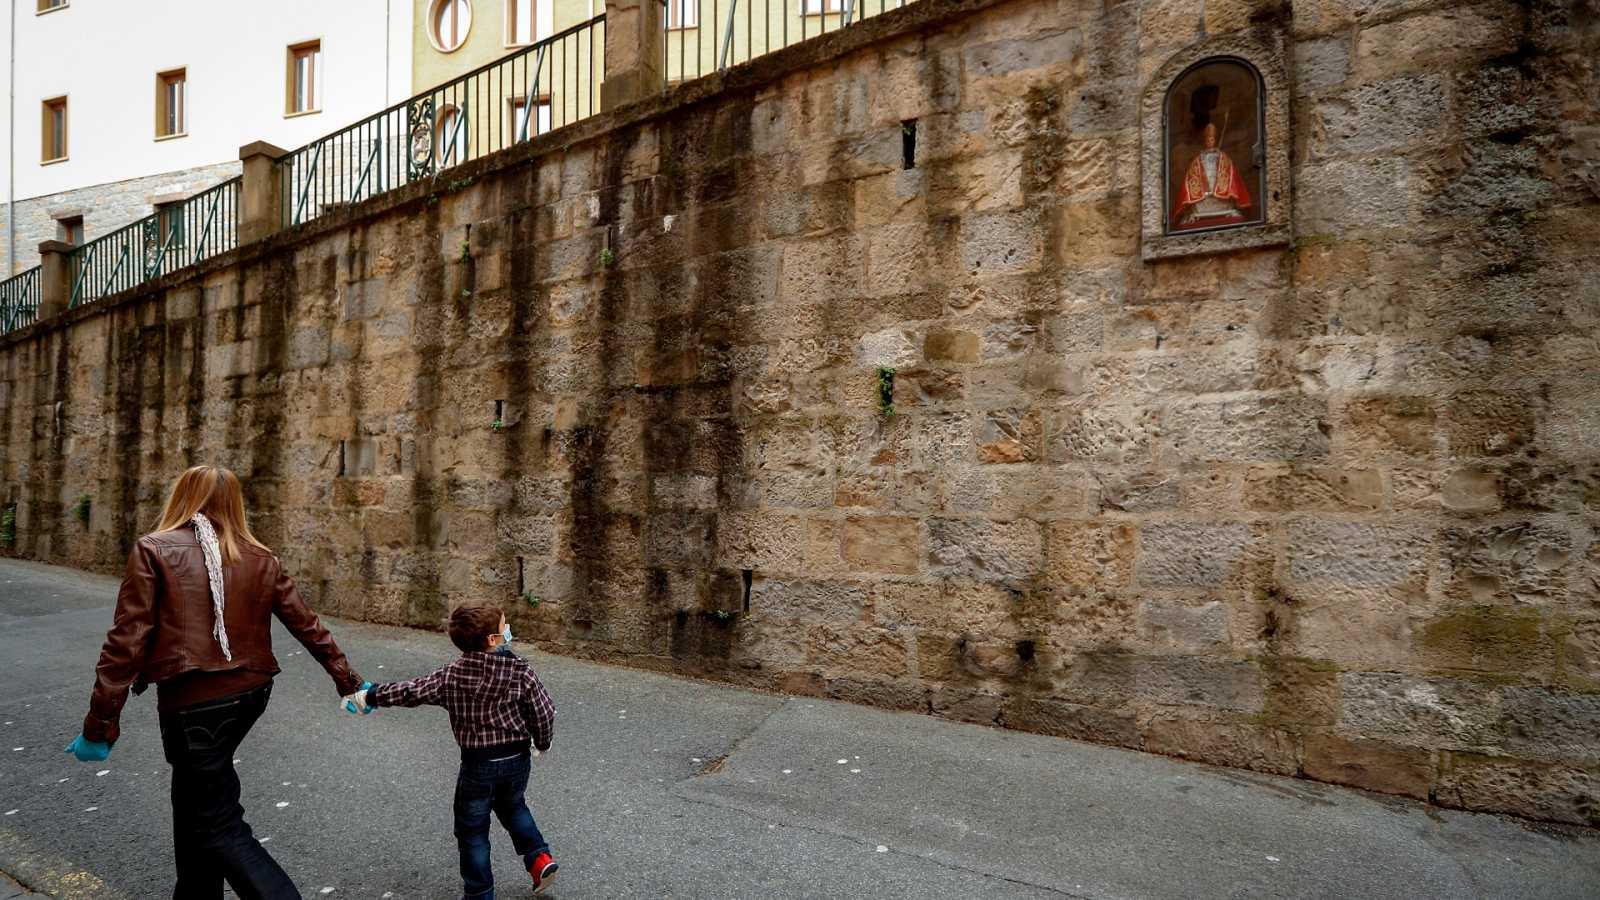 """El Ayuntamiento de Pamplona no descarta celebrar San Fermín en septiembre, cuando en la ciudad se celebra el conocido como """"San Fermín Txikito"""". Sin emabrgo, la evolución de la pandemia marcará el futuro de la fiesta pamplonica."""